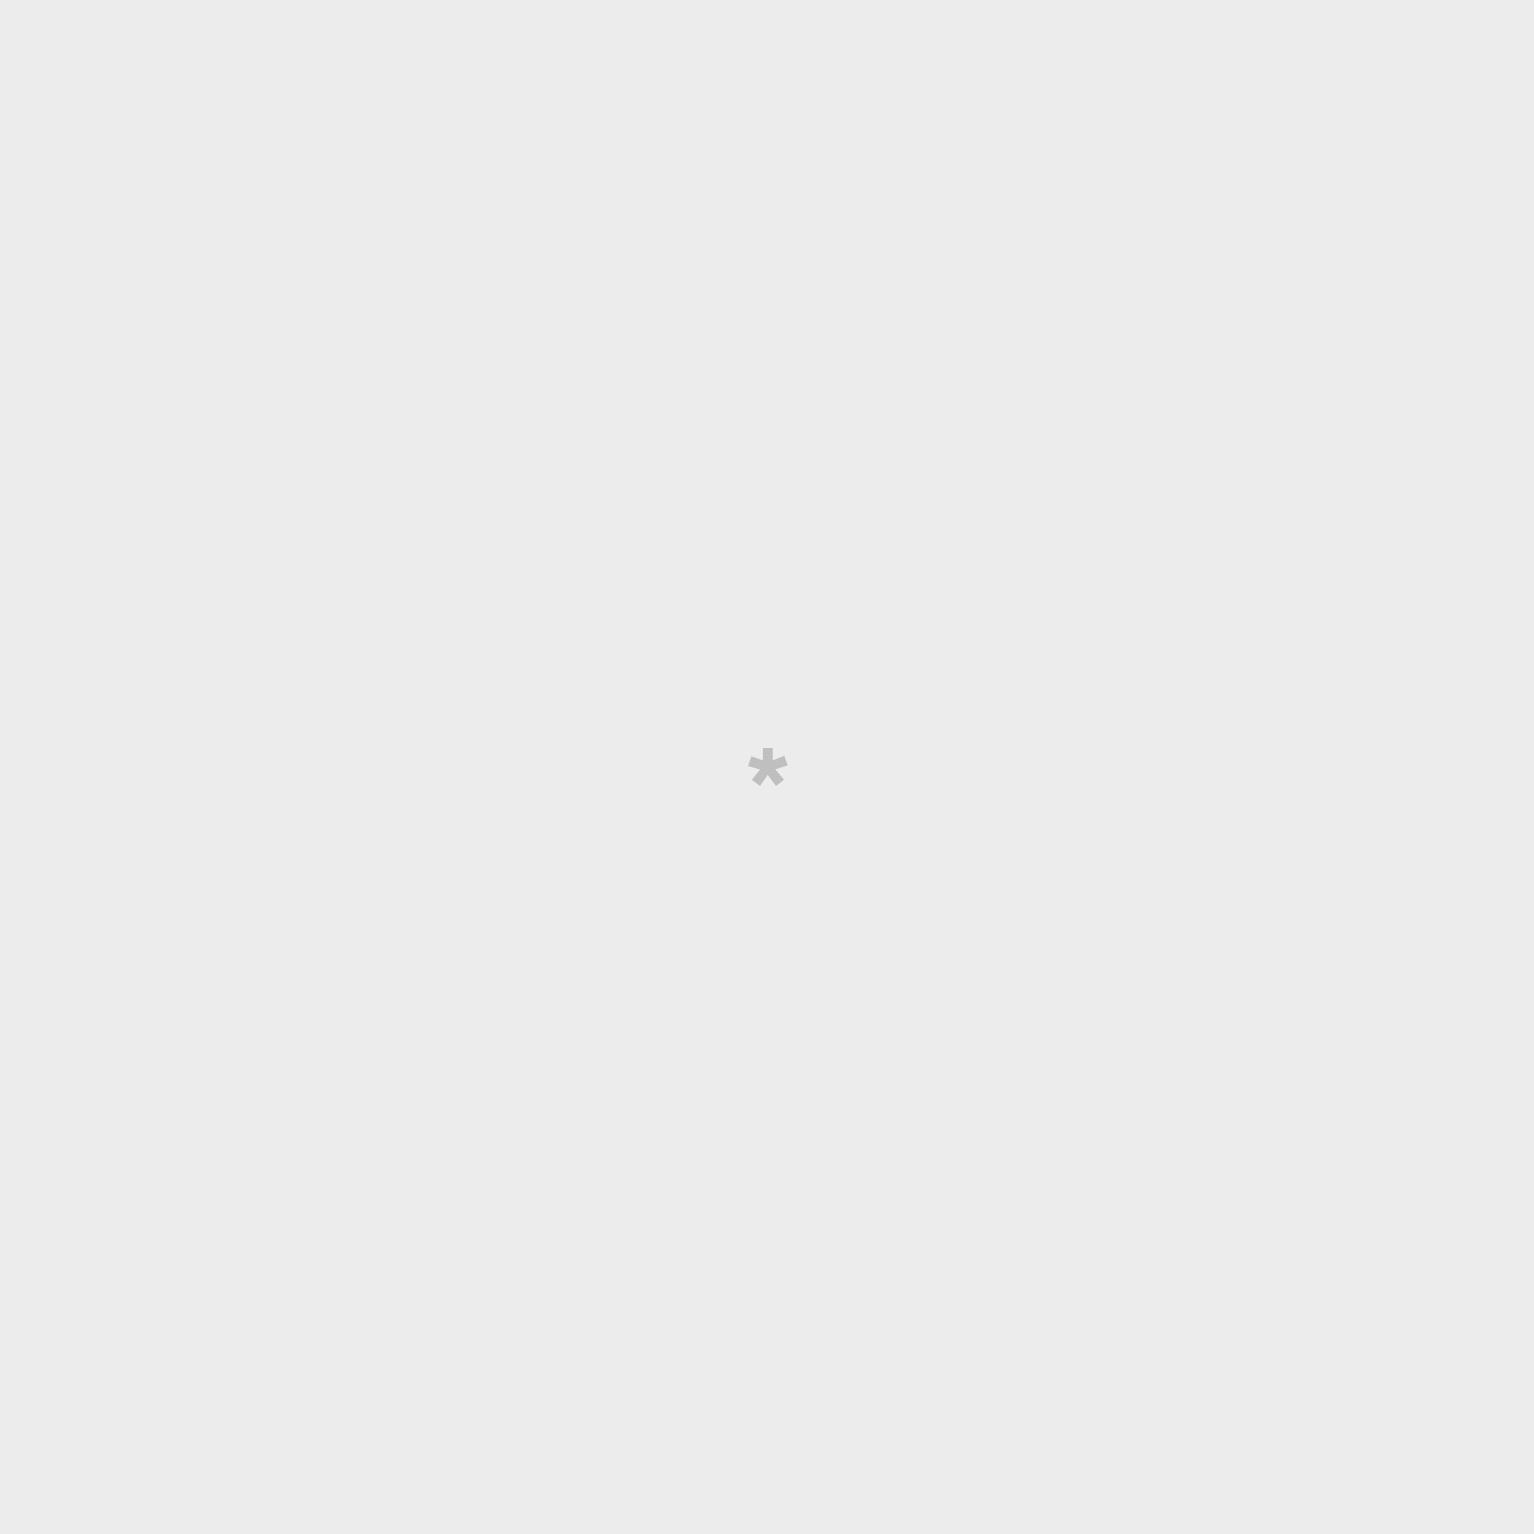 Rollo de papel pintado wonder - Bajo el mar (Color azul)